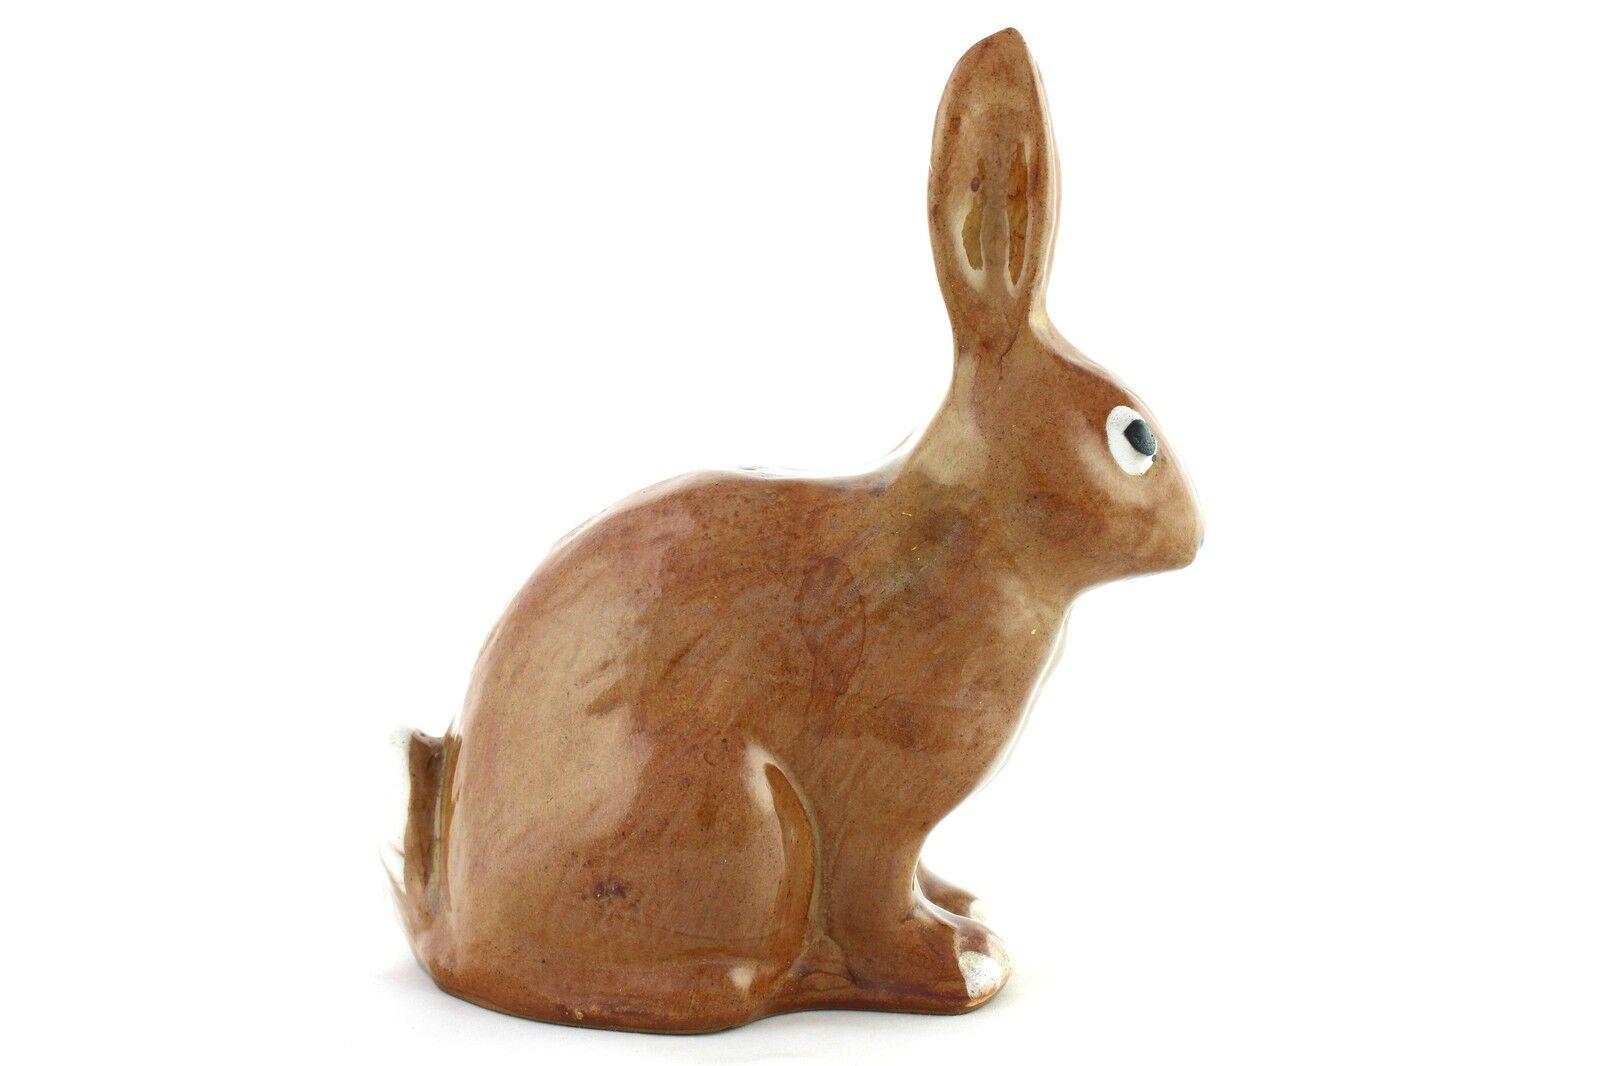 Una vintage marrone e bianco studio Pottery conigli. maiolica